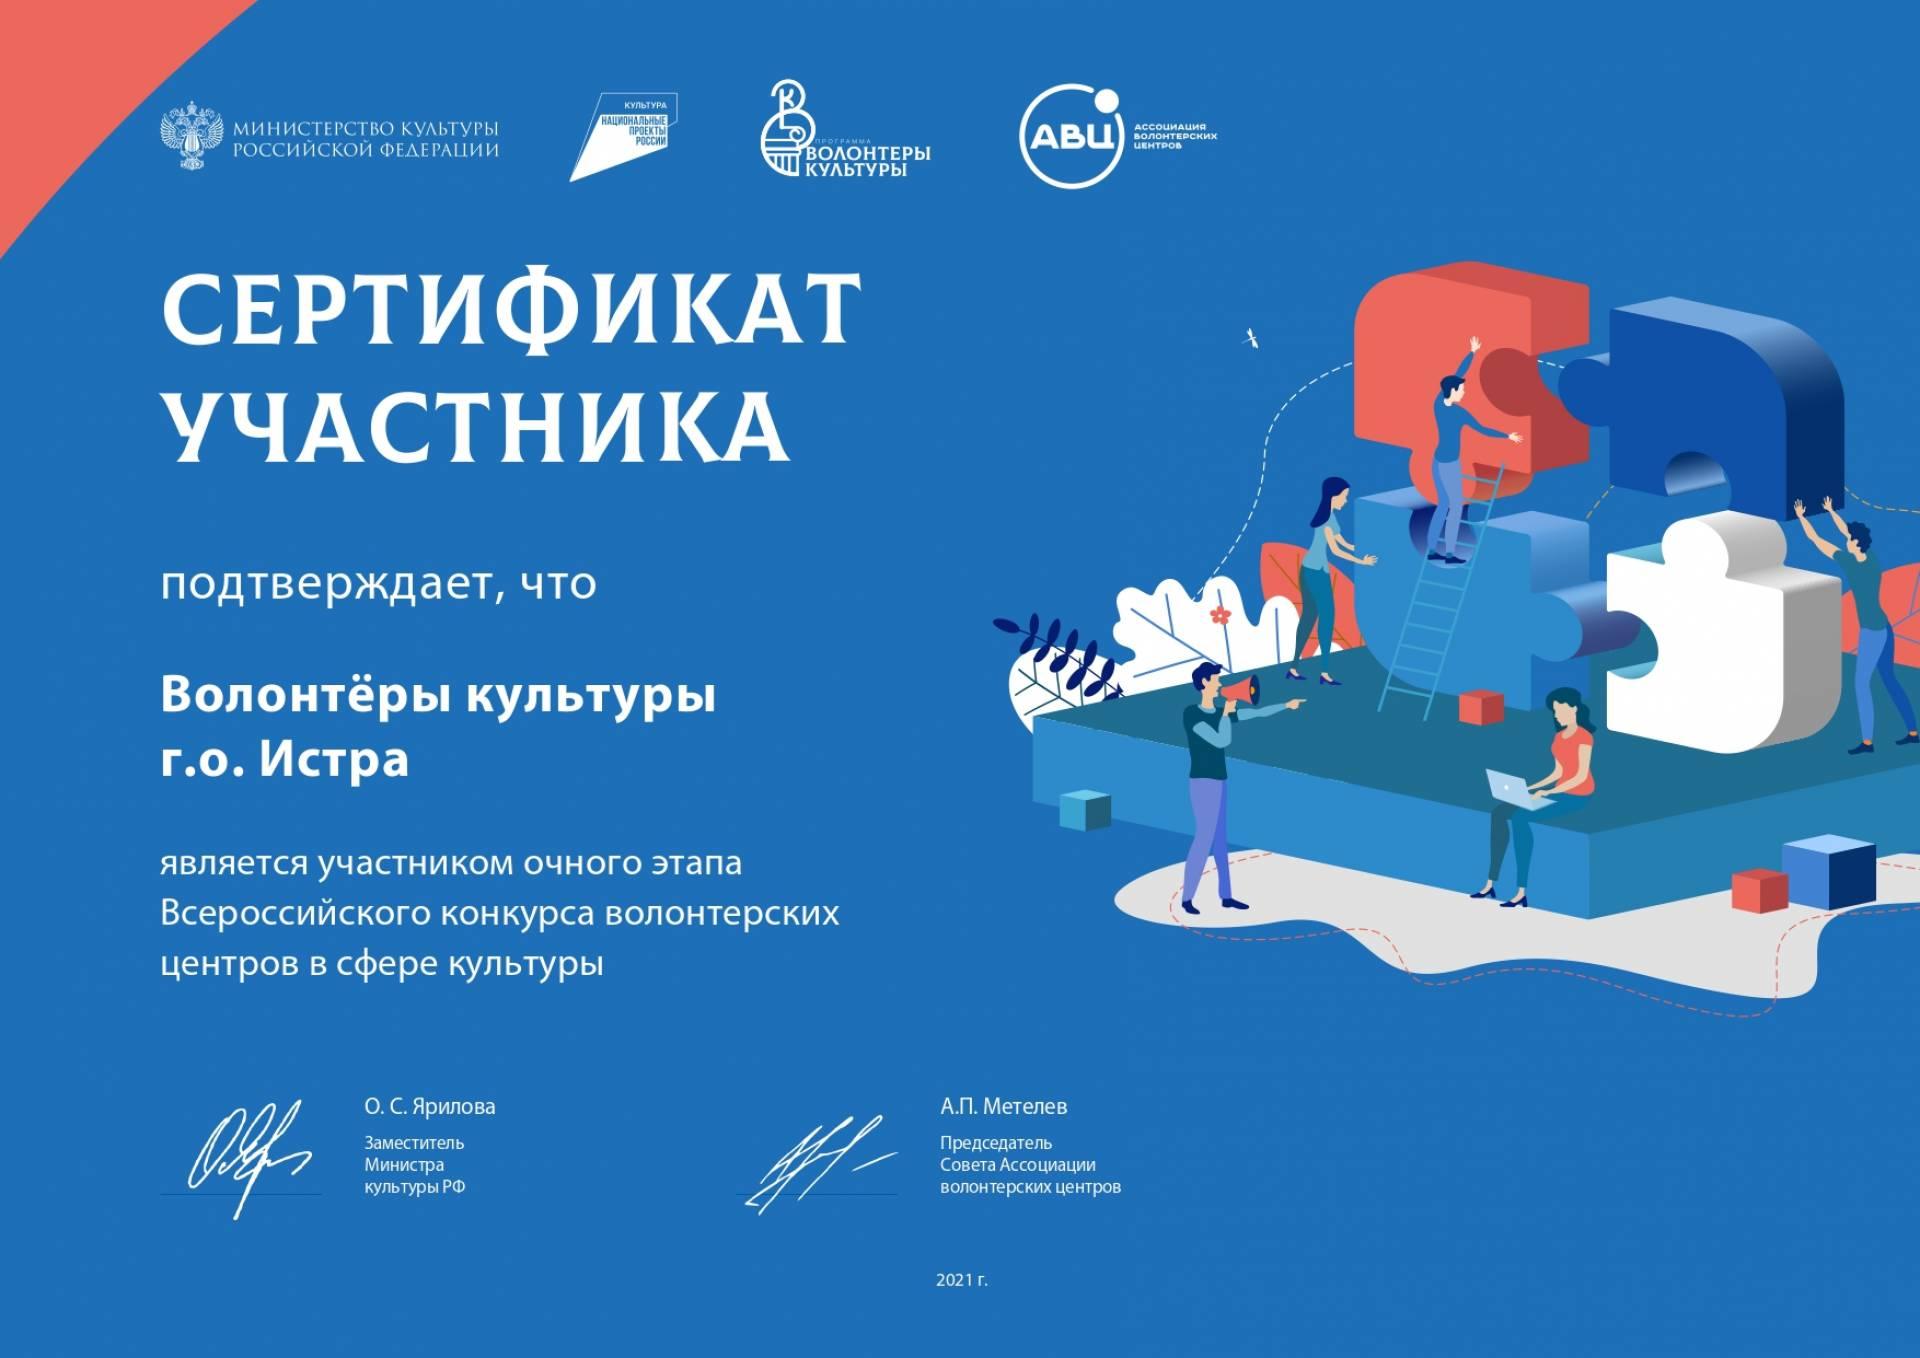 Всероссийский конкурс волонтерских центров в сфере культуры